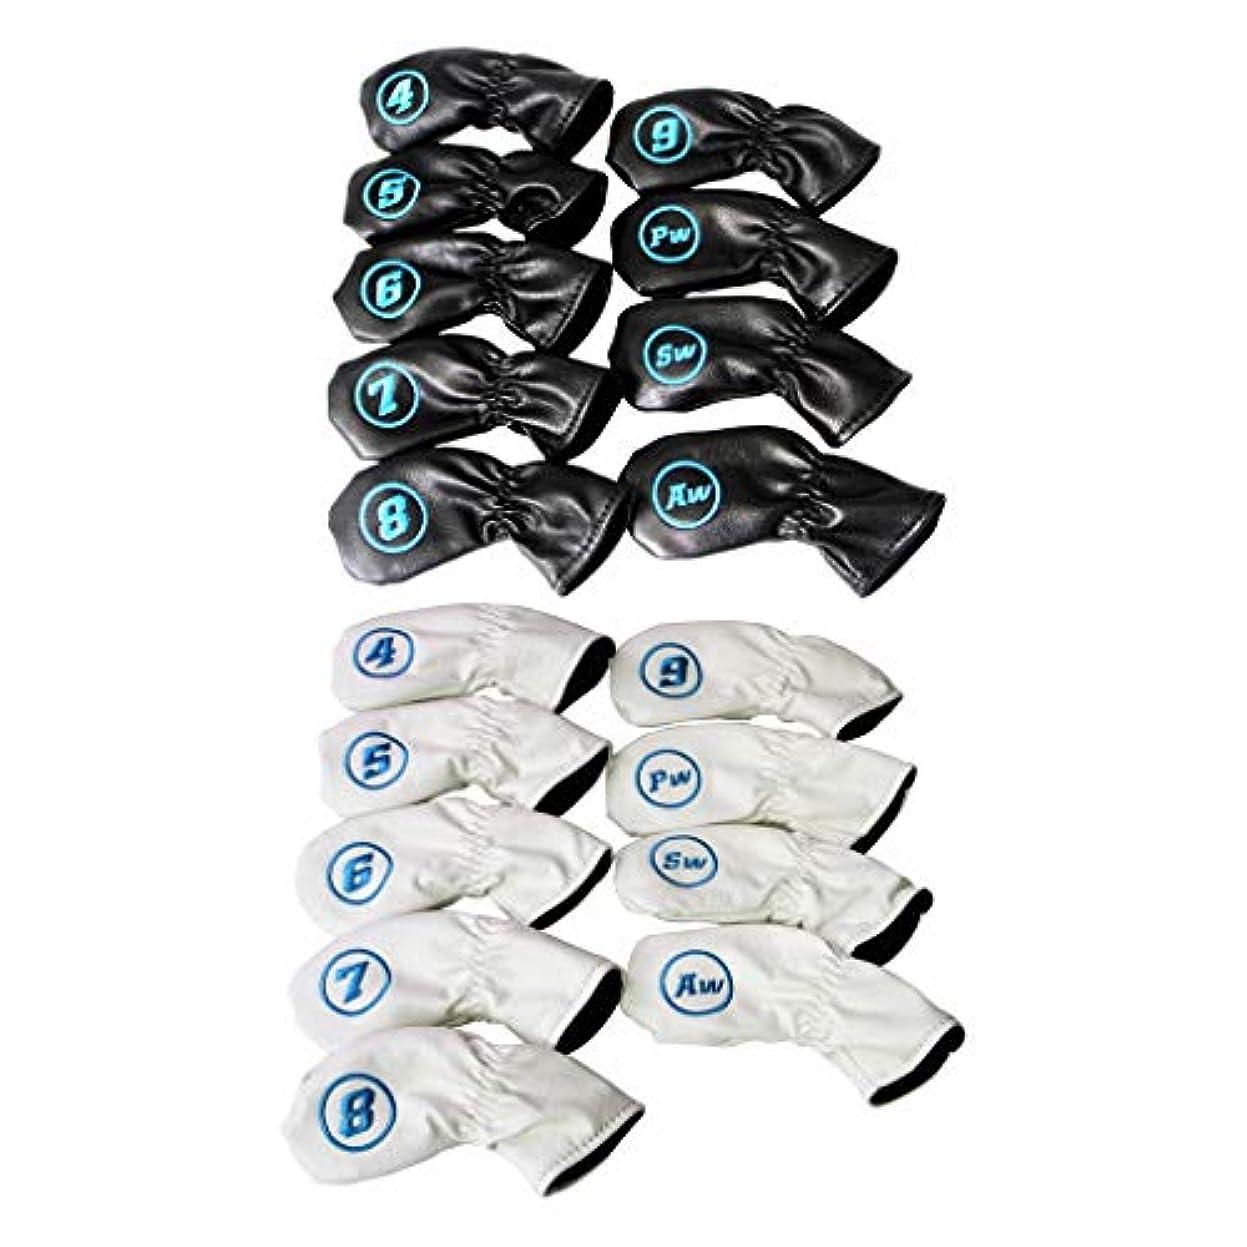 ビクターきつくボットCUTICATE ゴルフヘッドカバー クラブカバー パター 保護カバー アイアンカバー PUレザー 番号付き 約18個